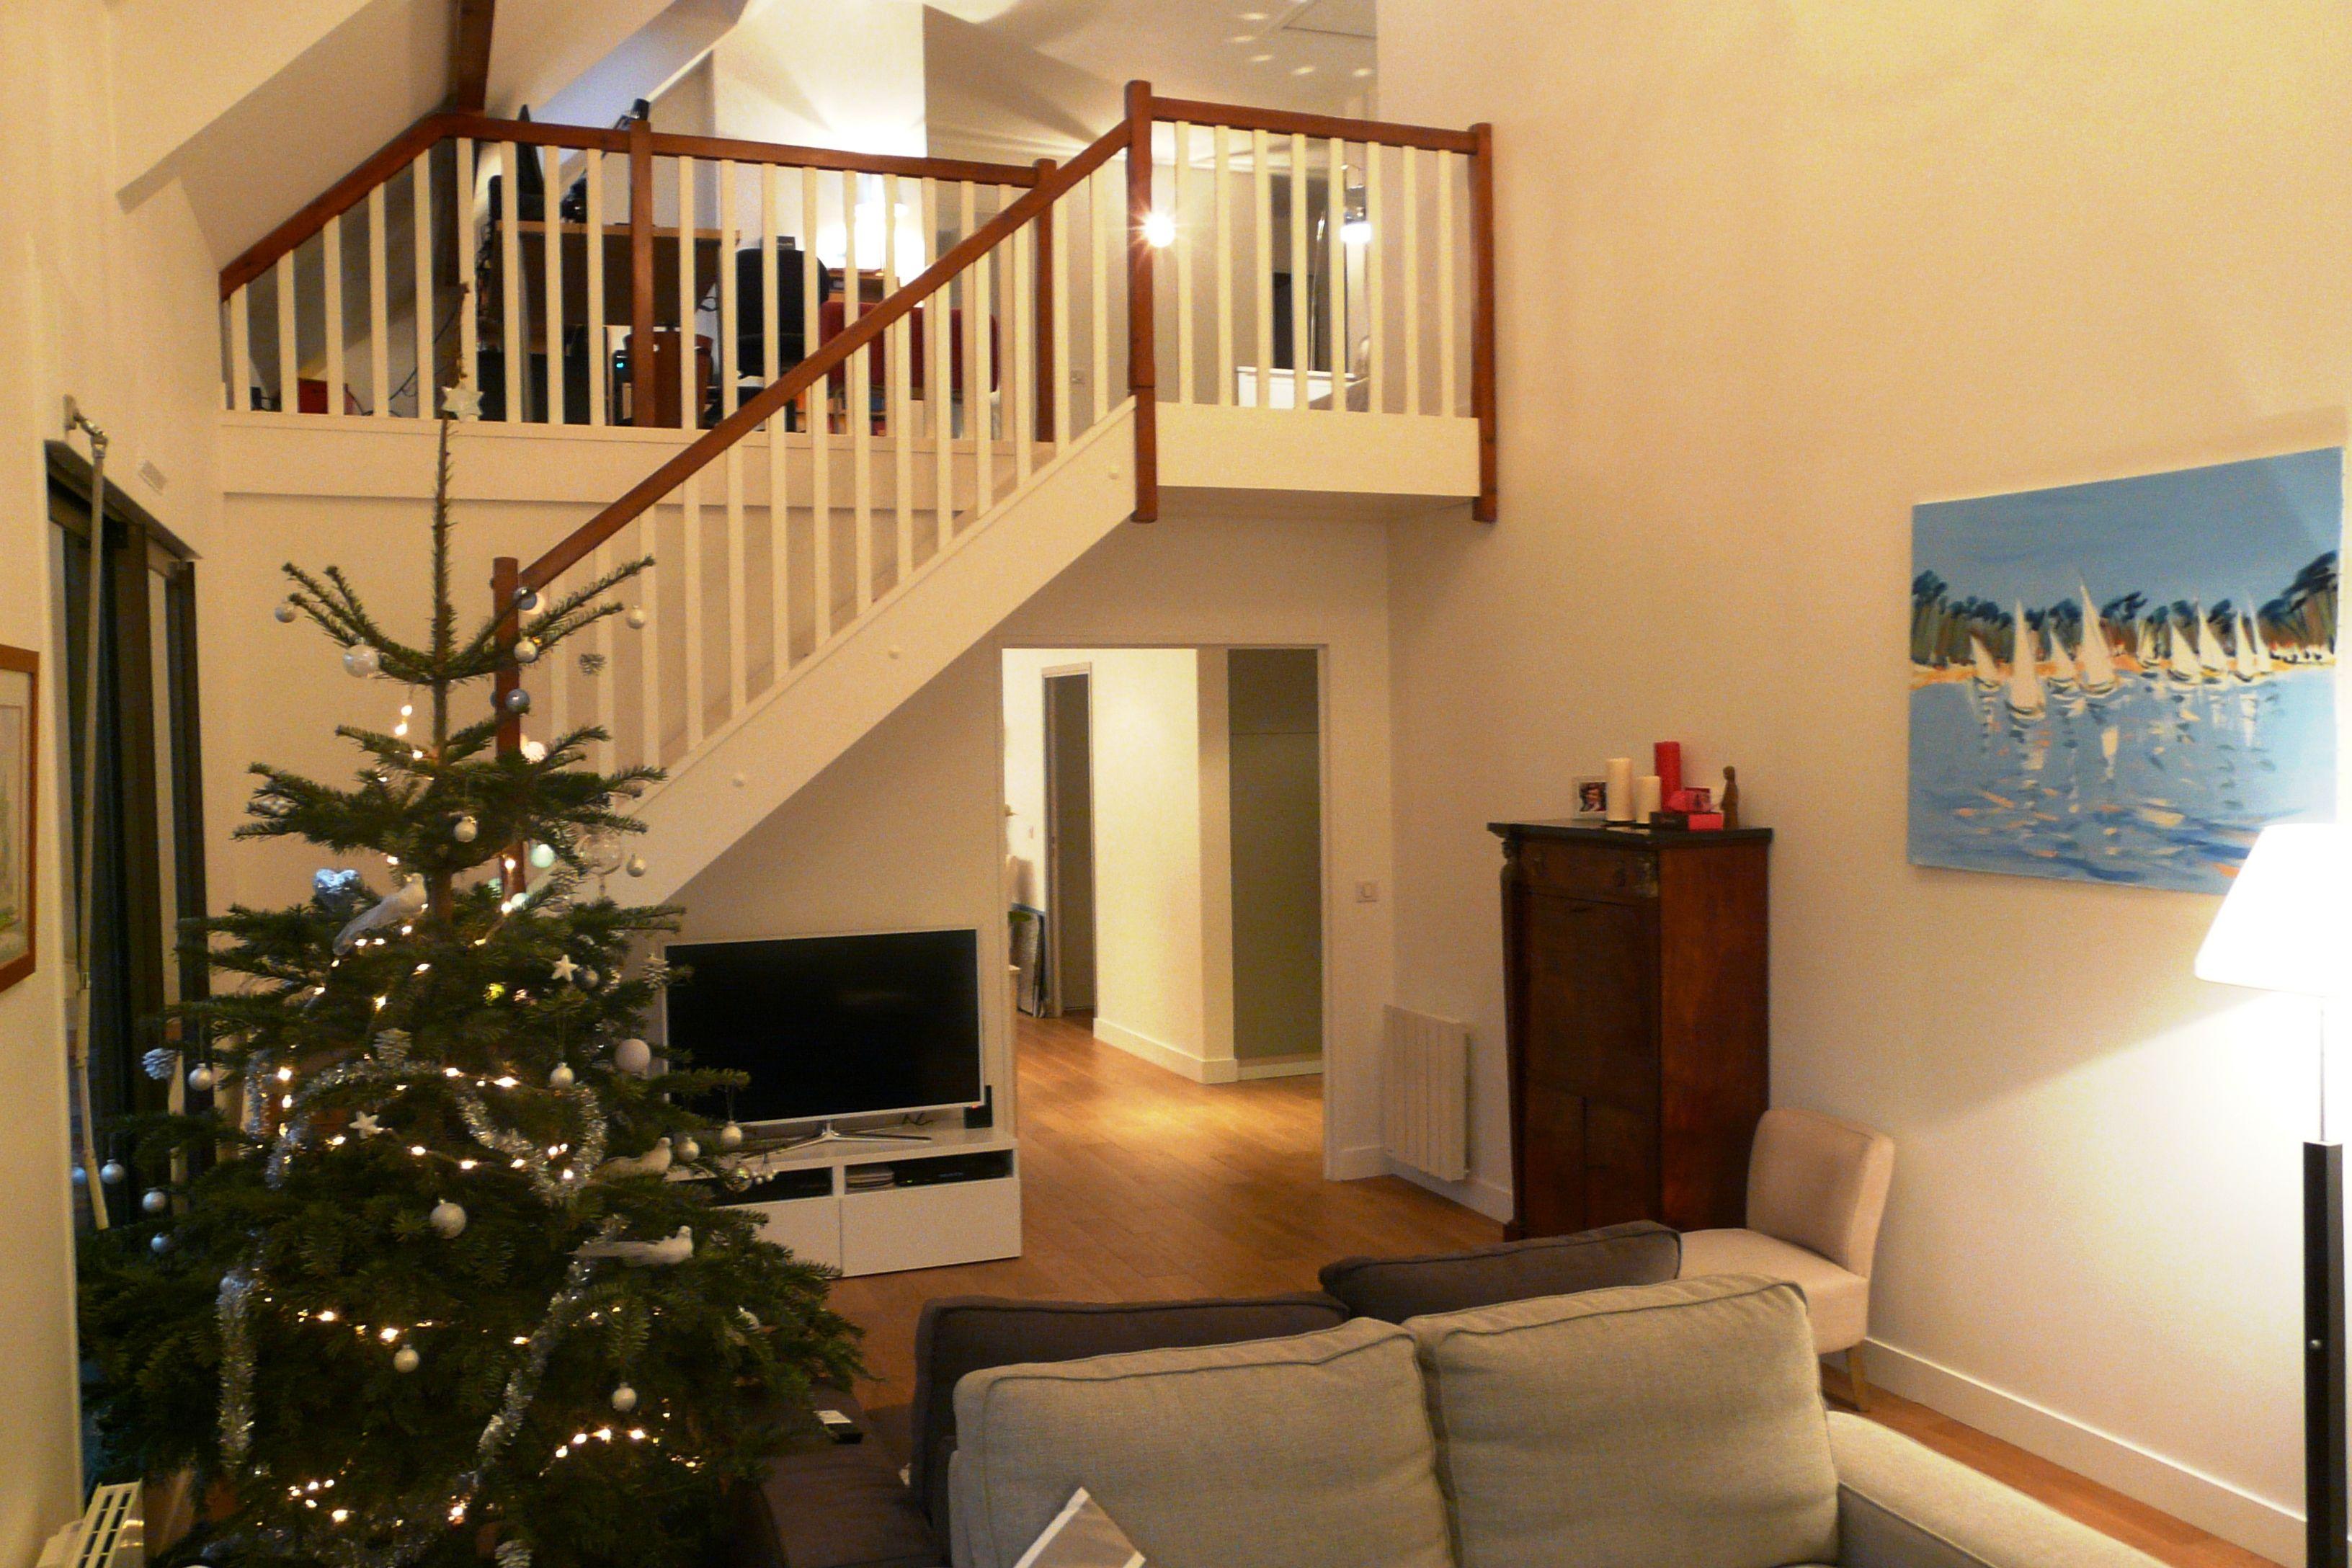 Escalier Bois Et Blanc : Escalier blanc et bois For the Home Pinterest